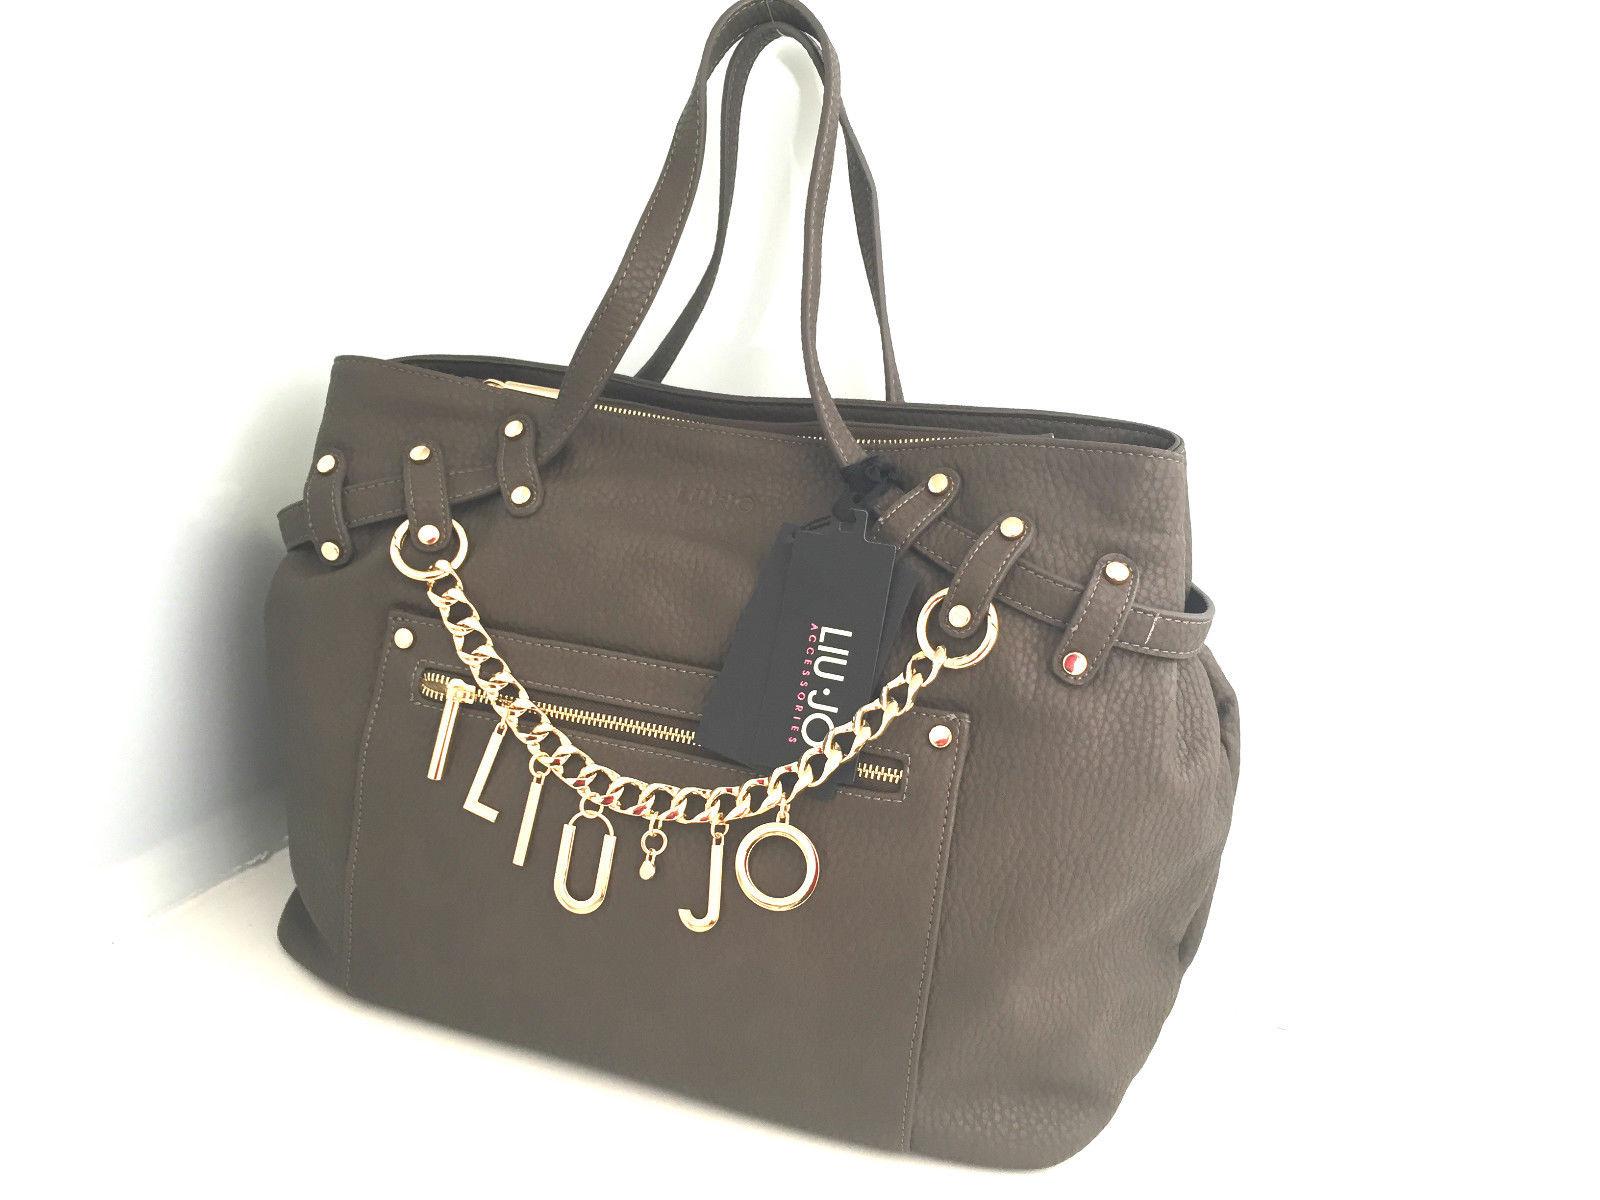 Borsa Liu Jo Shopping Andromeda Brown con charms a prezzo scontato!! 34c6bf121e5